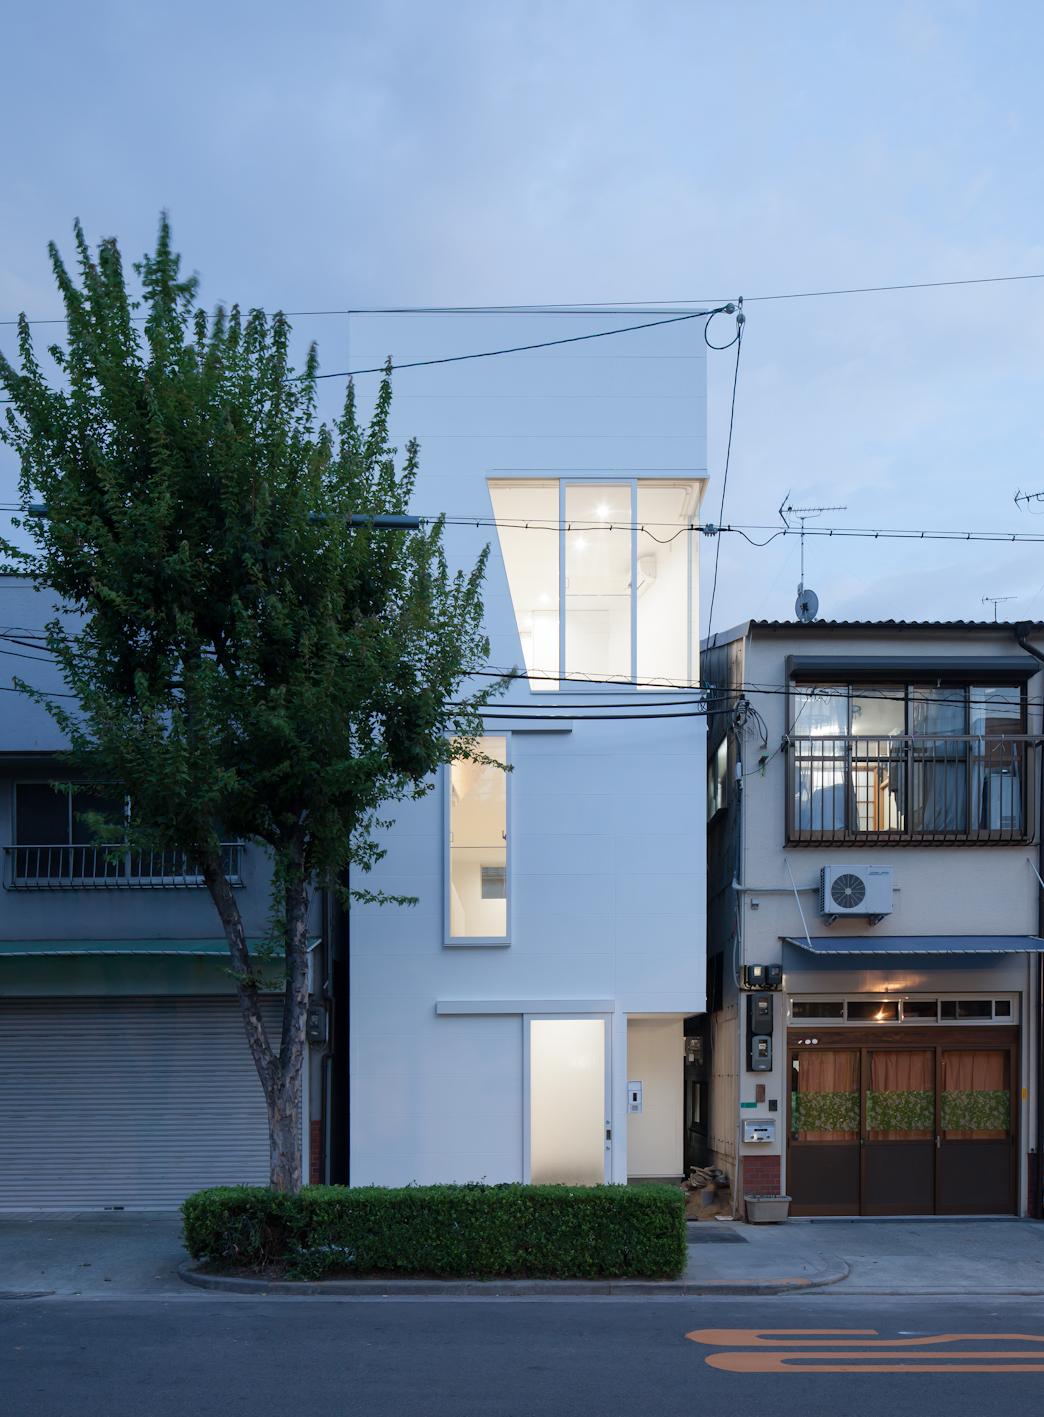 Casa en tamatsu ido kenji blog arquitectura y dise o for Casas estrechas y alargadas